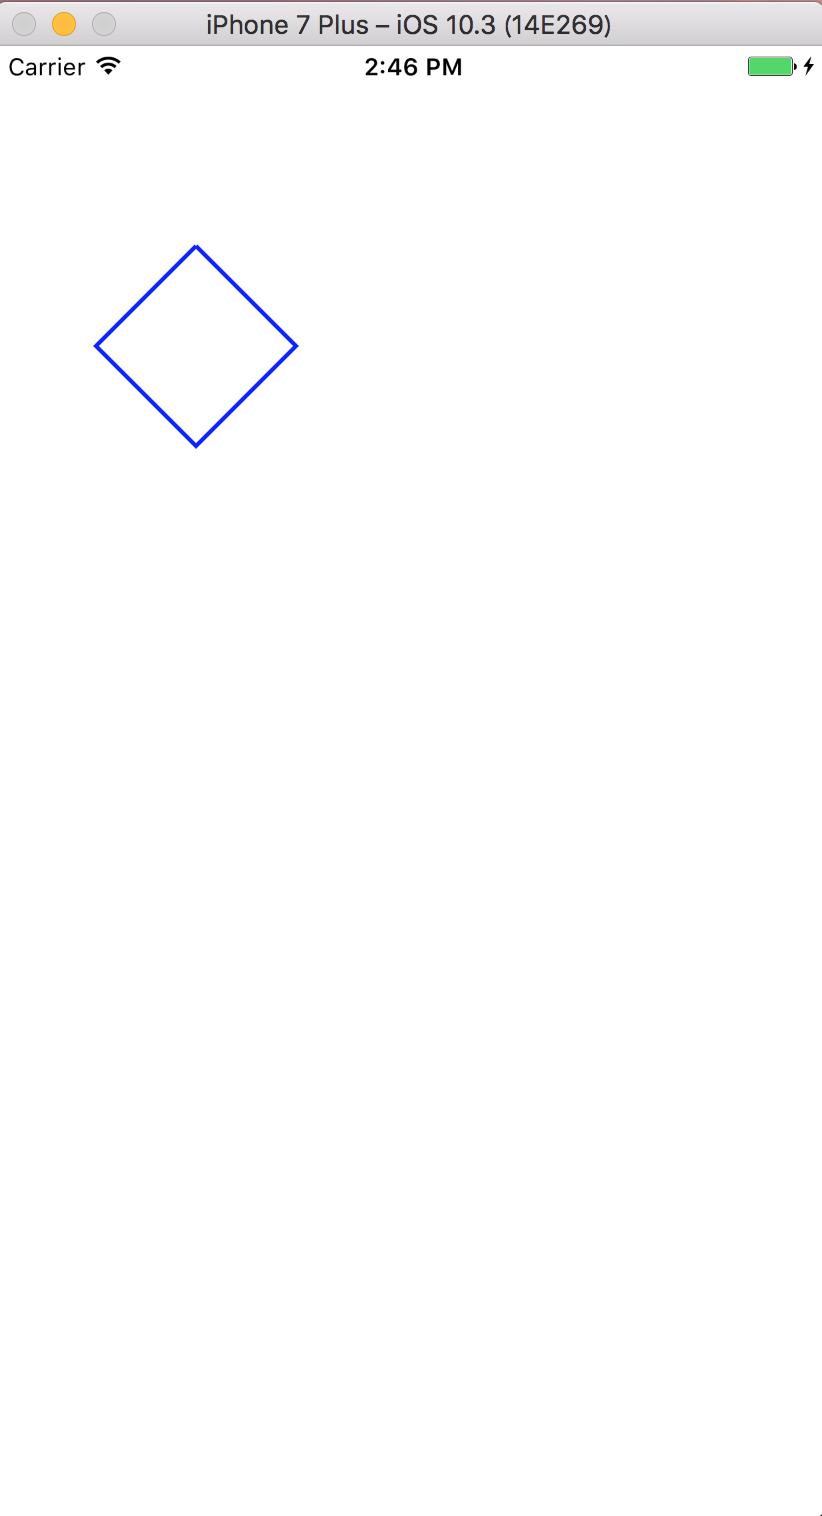 スクリーンショット 2017-05-04 14.46.12.png